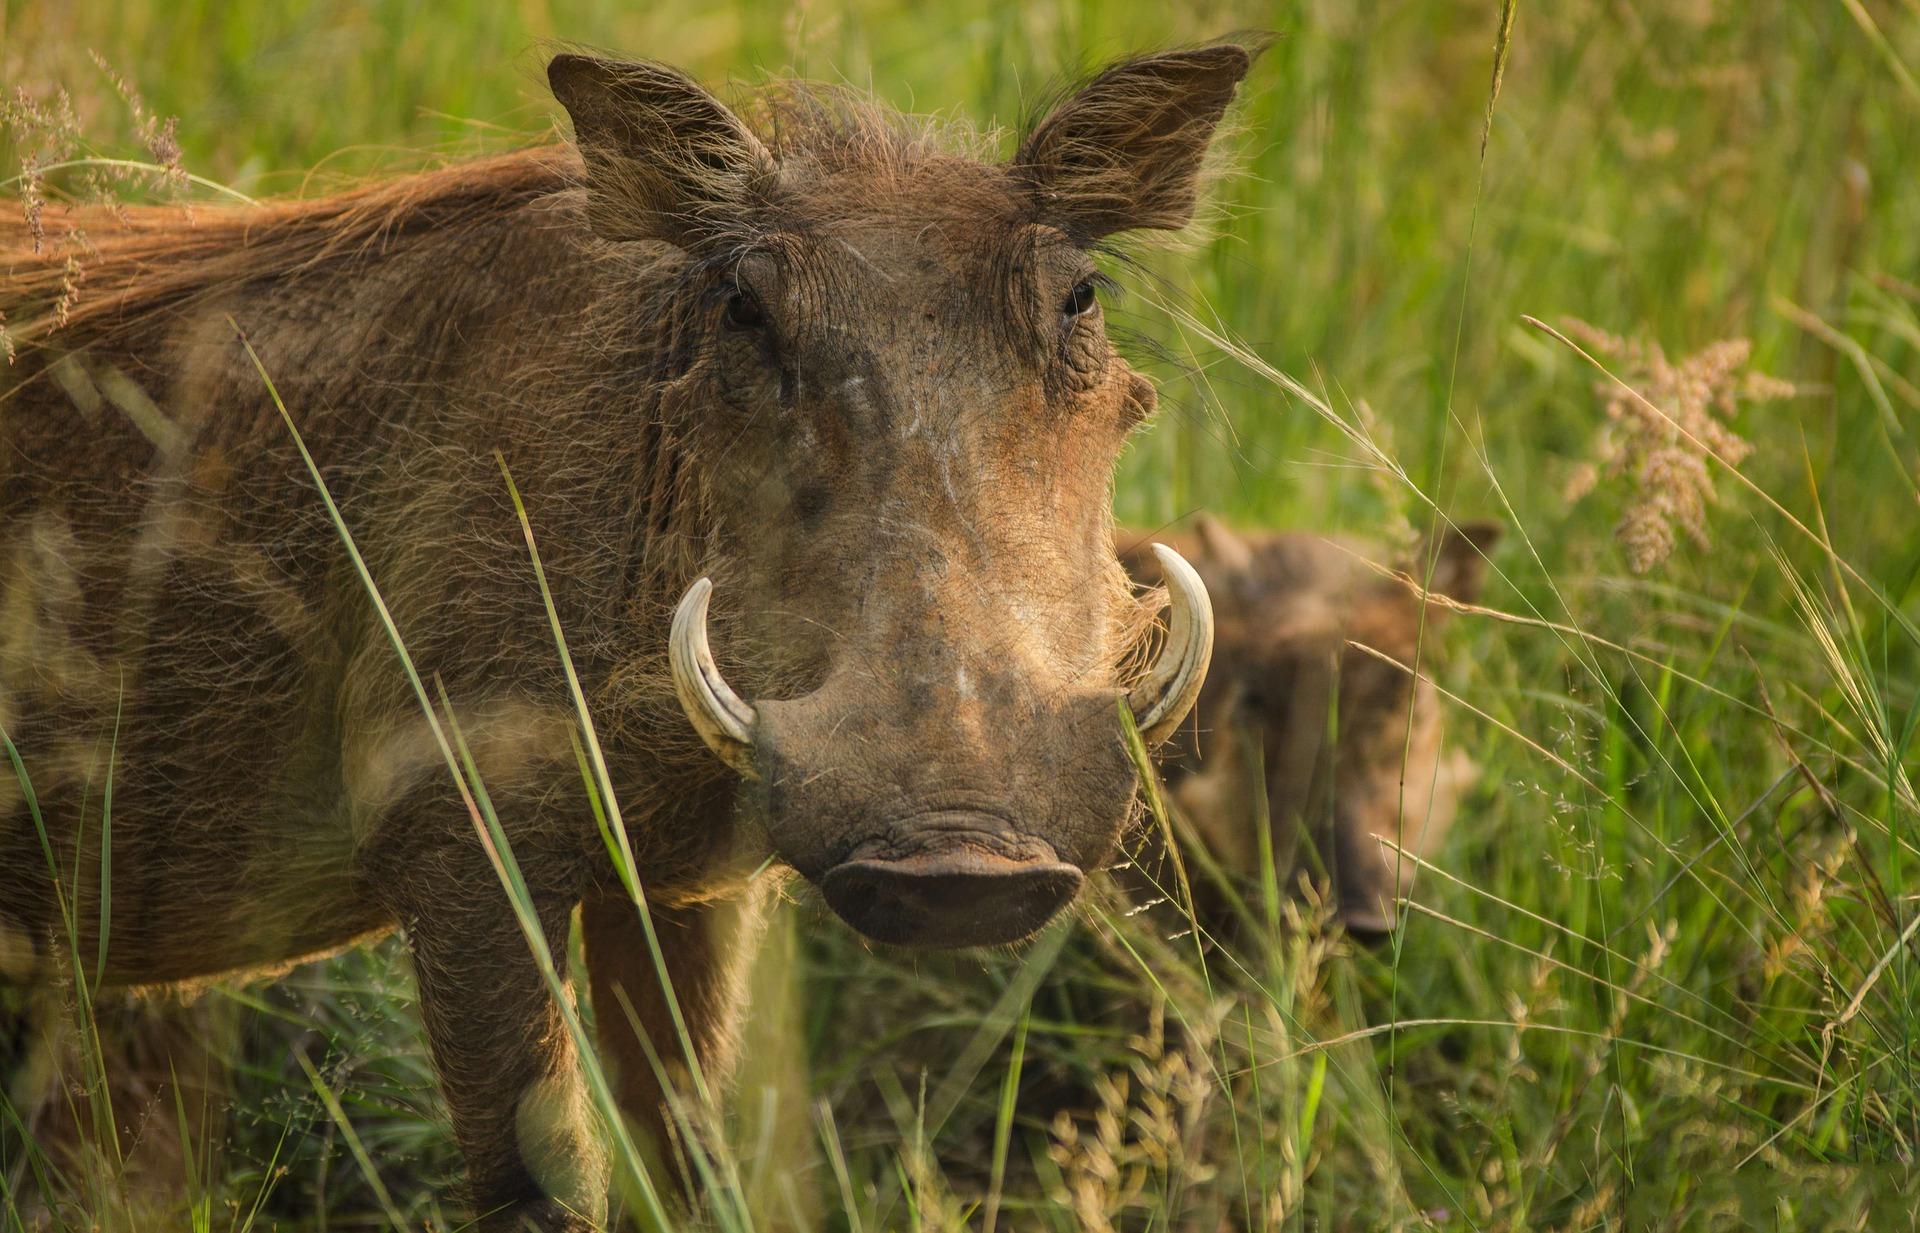 La cruauté envers les animaux est un délit rare et peu connu